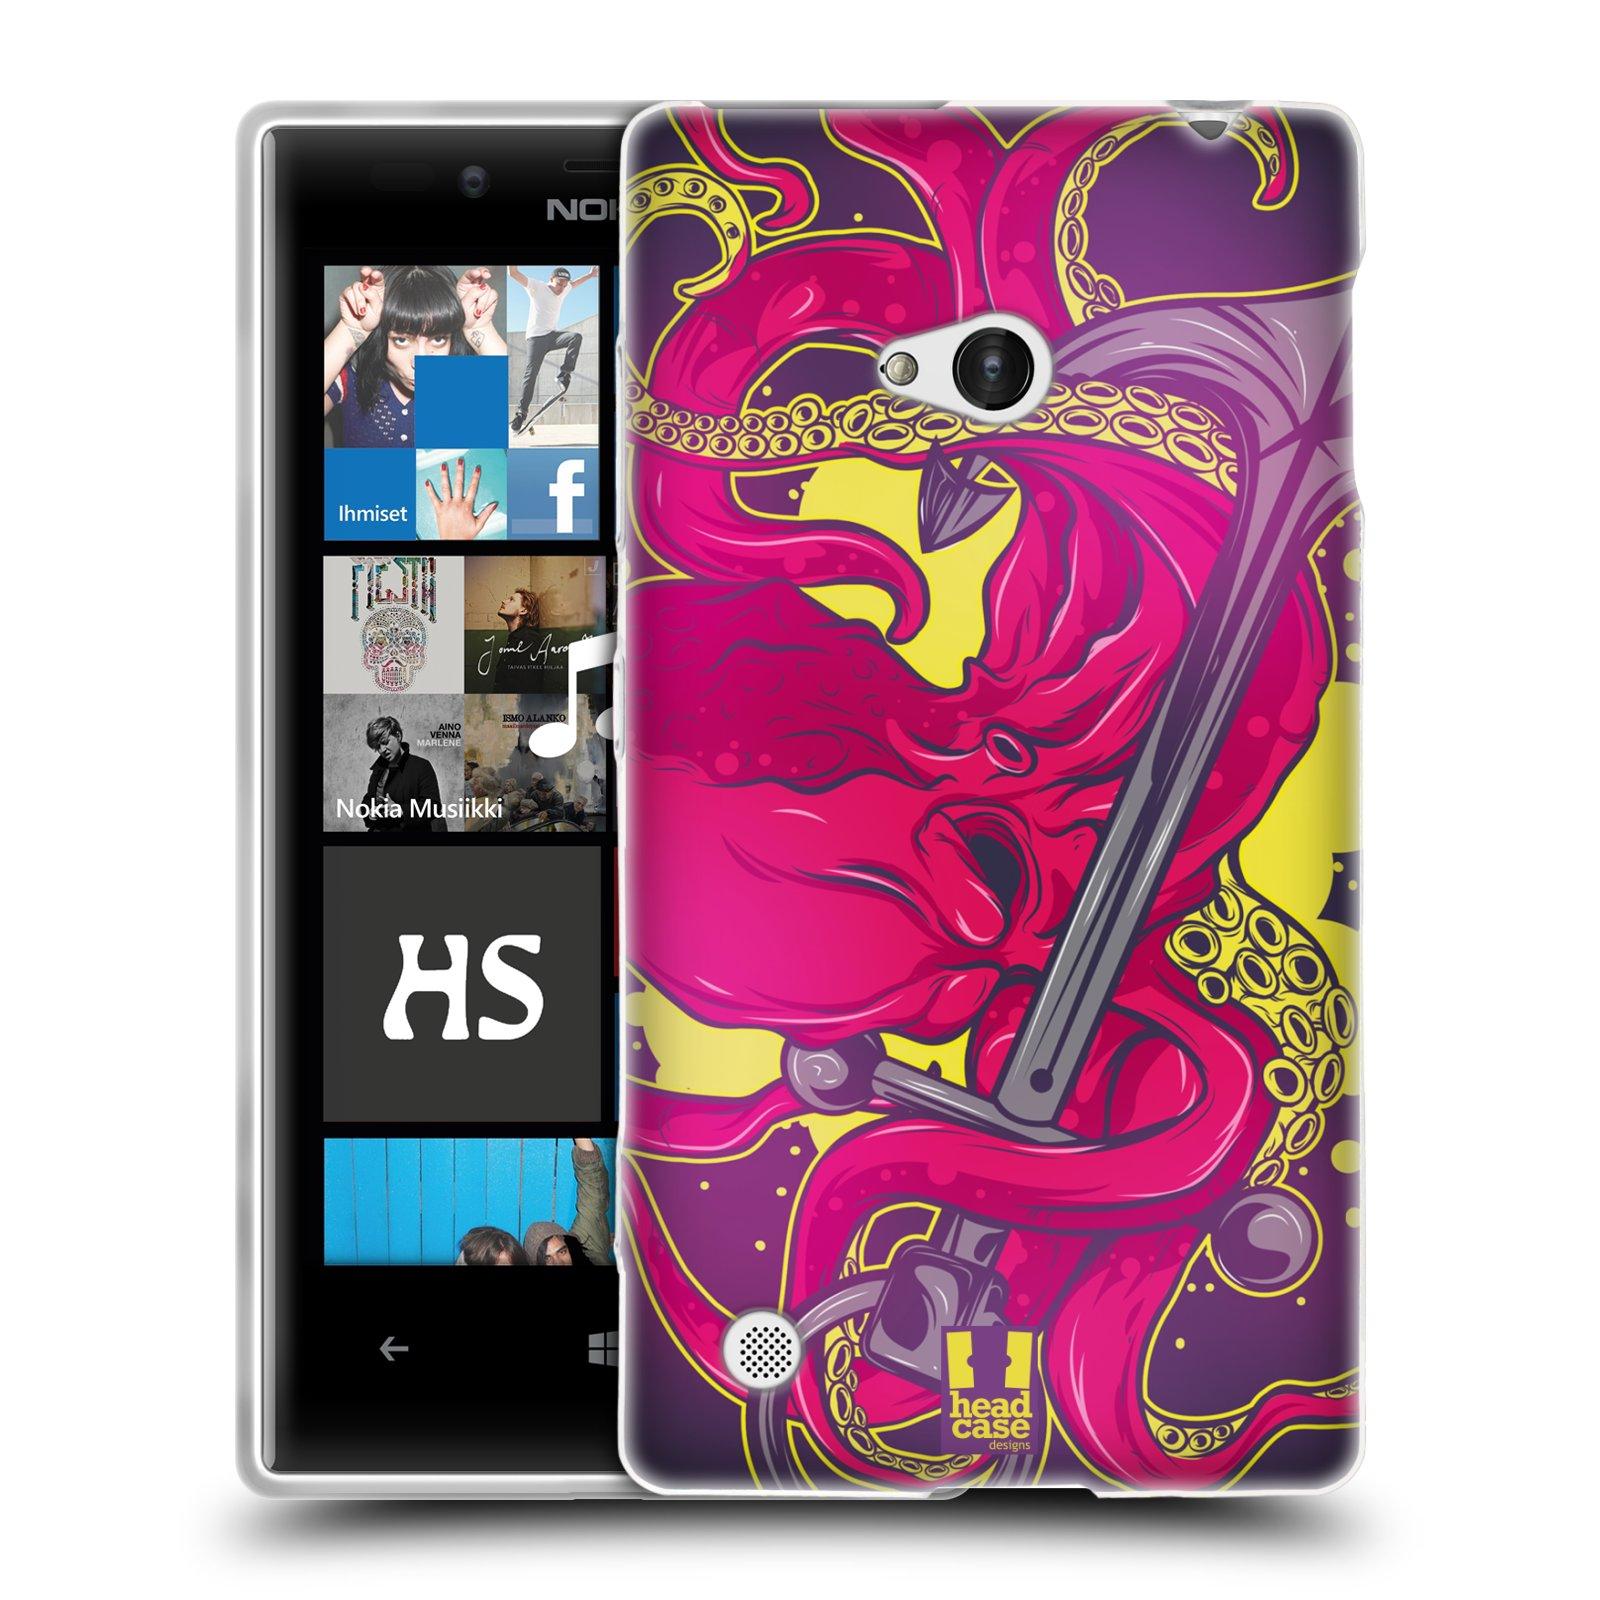 HEAD CASE silikonový obal na mobil NOKIA Lumia 720 vzor mořská monstra chobotnice